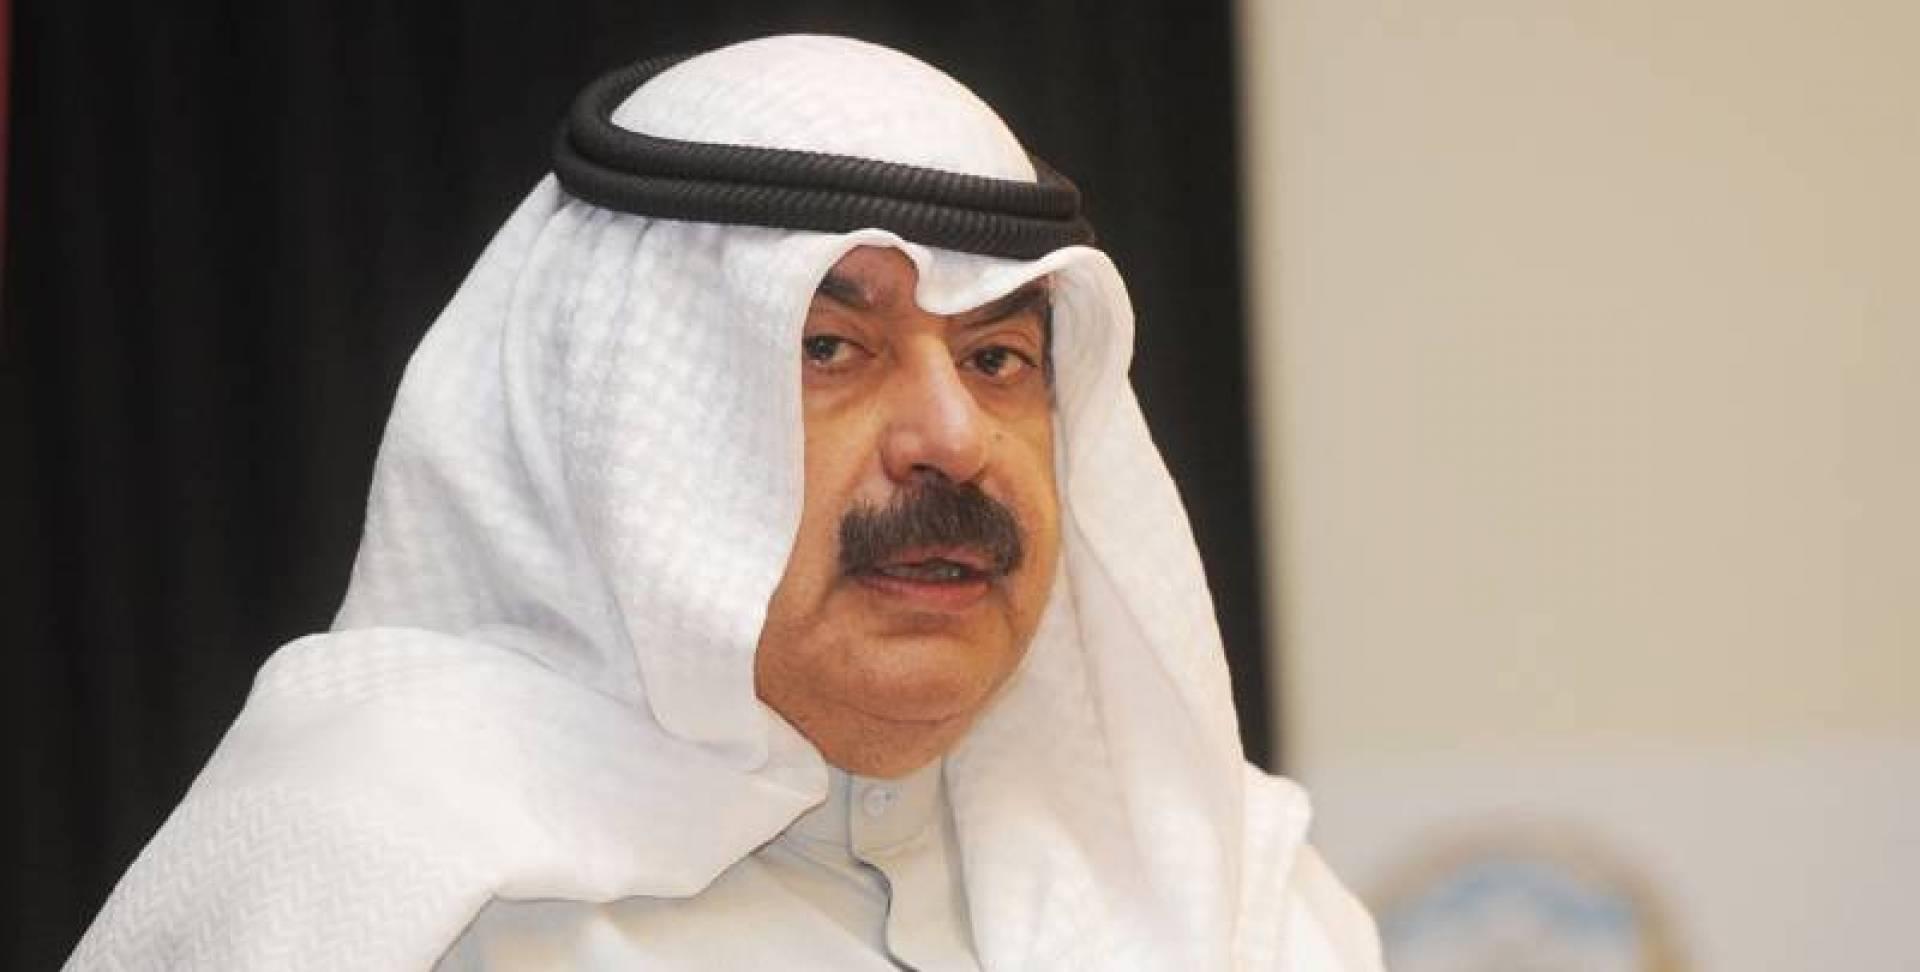 الكويت تؤكد عدم شرعية المستوطنات الإسرائيلية